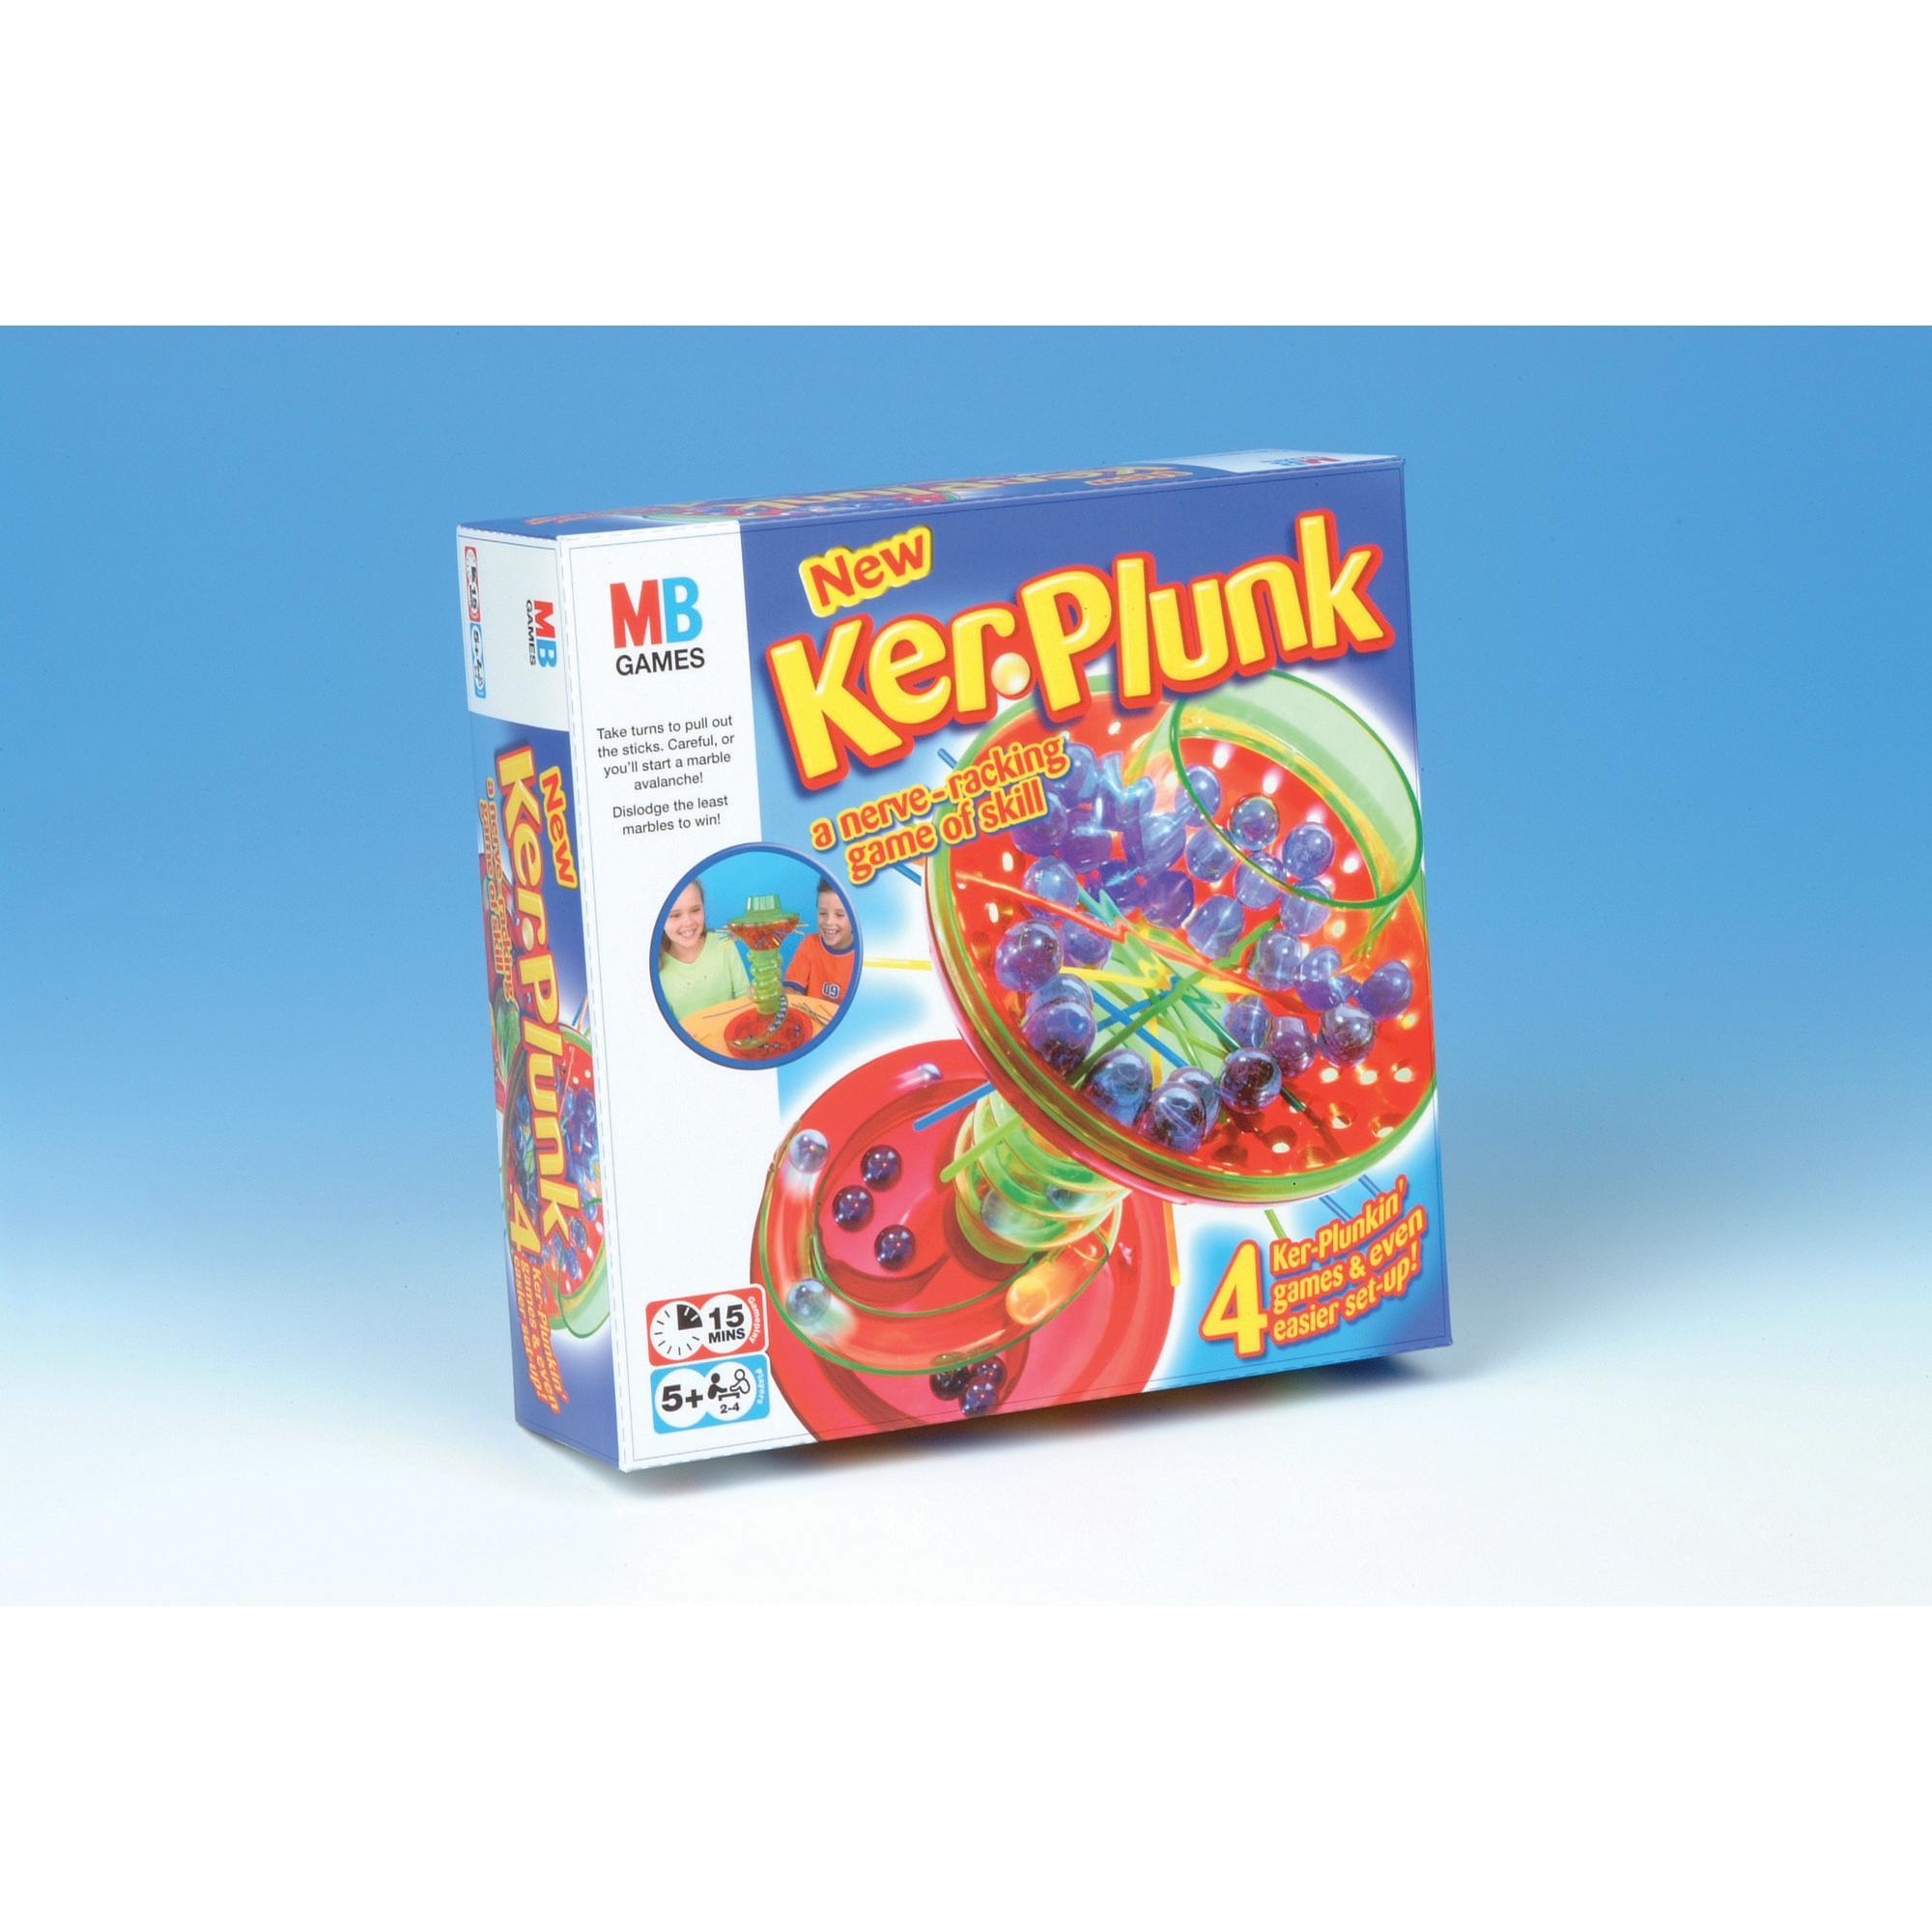 Kerplunk